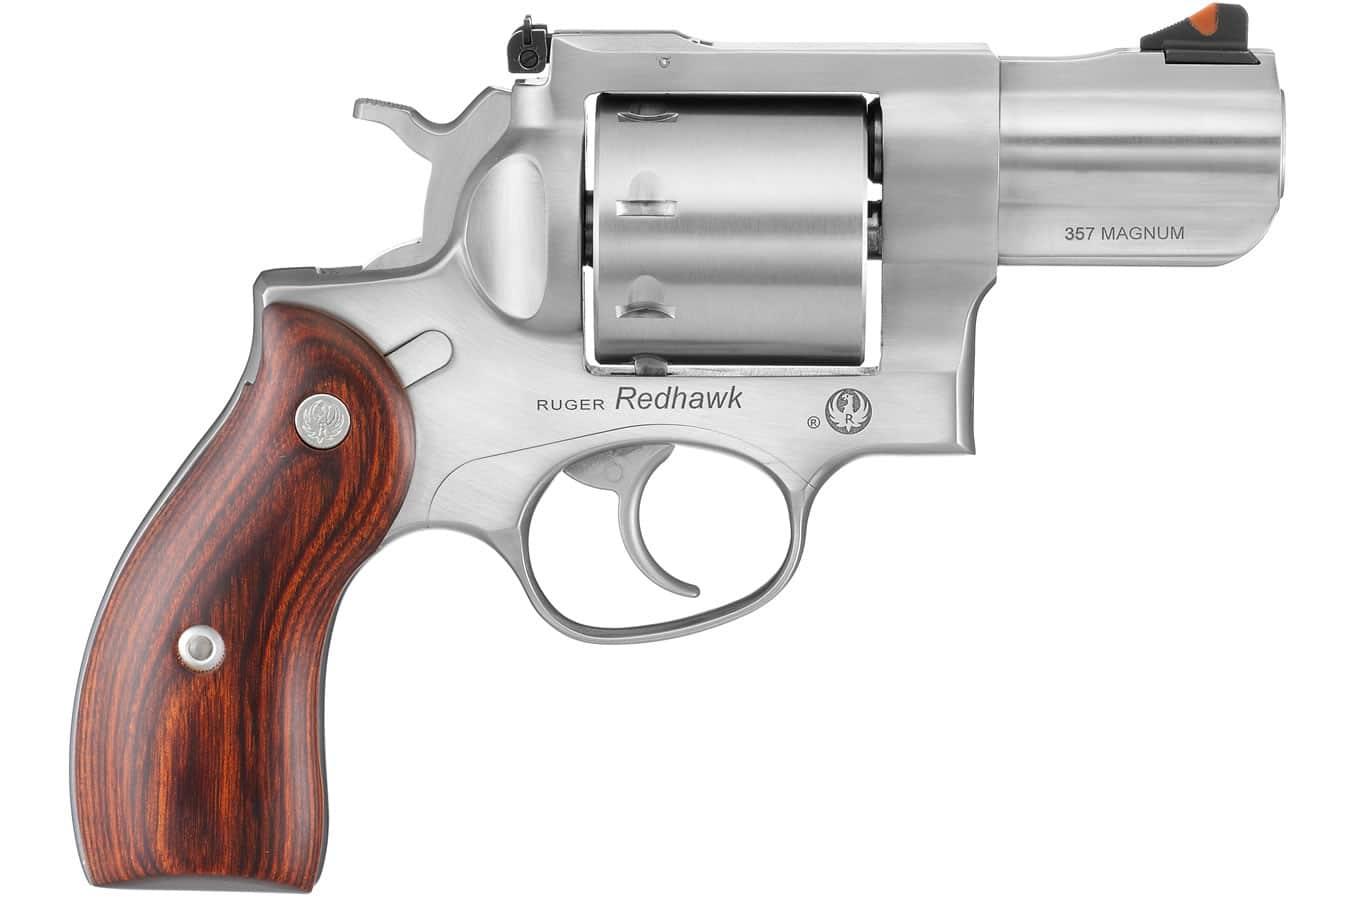 image of Ruger Redhawk